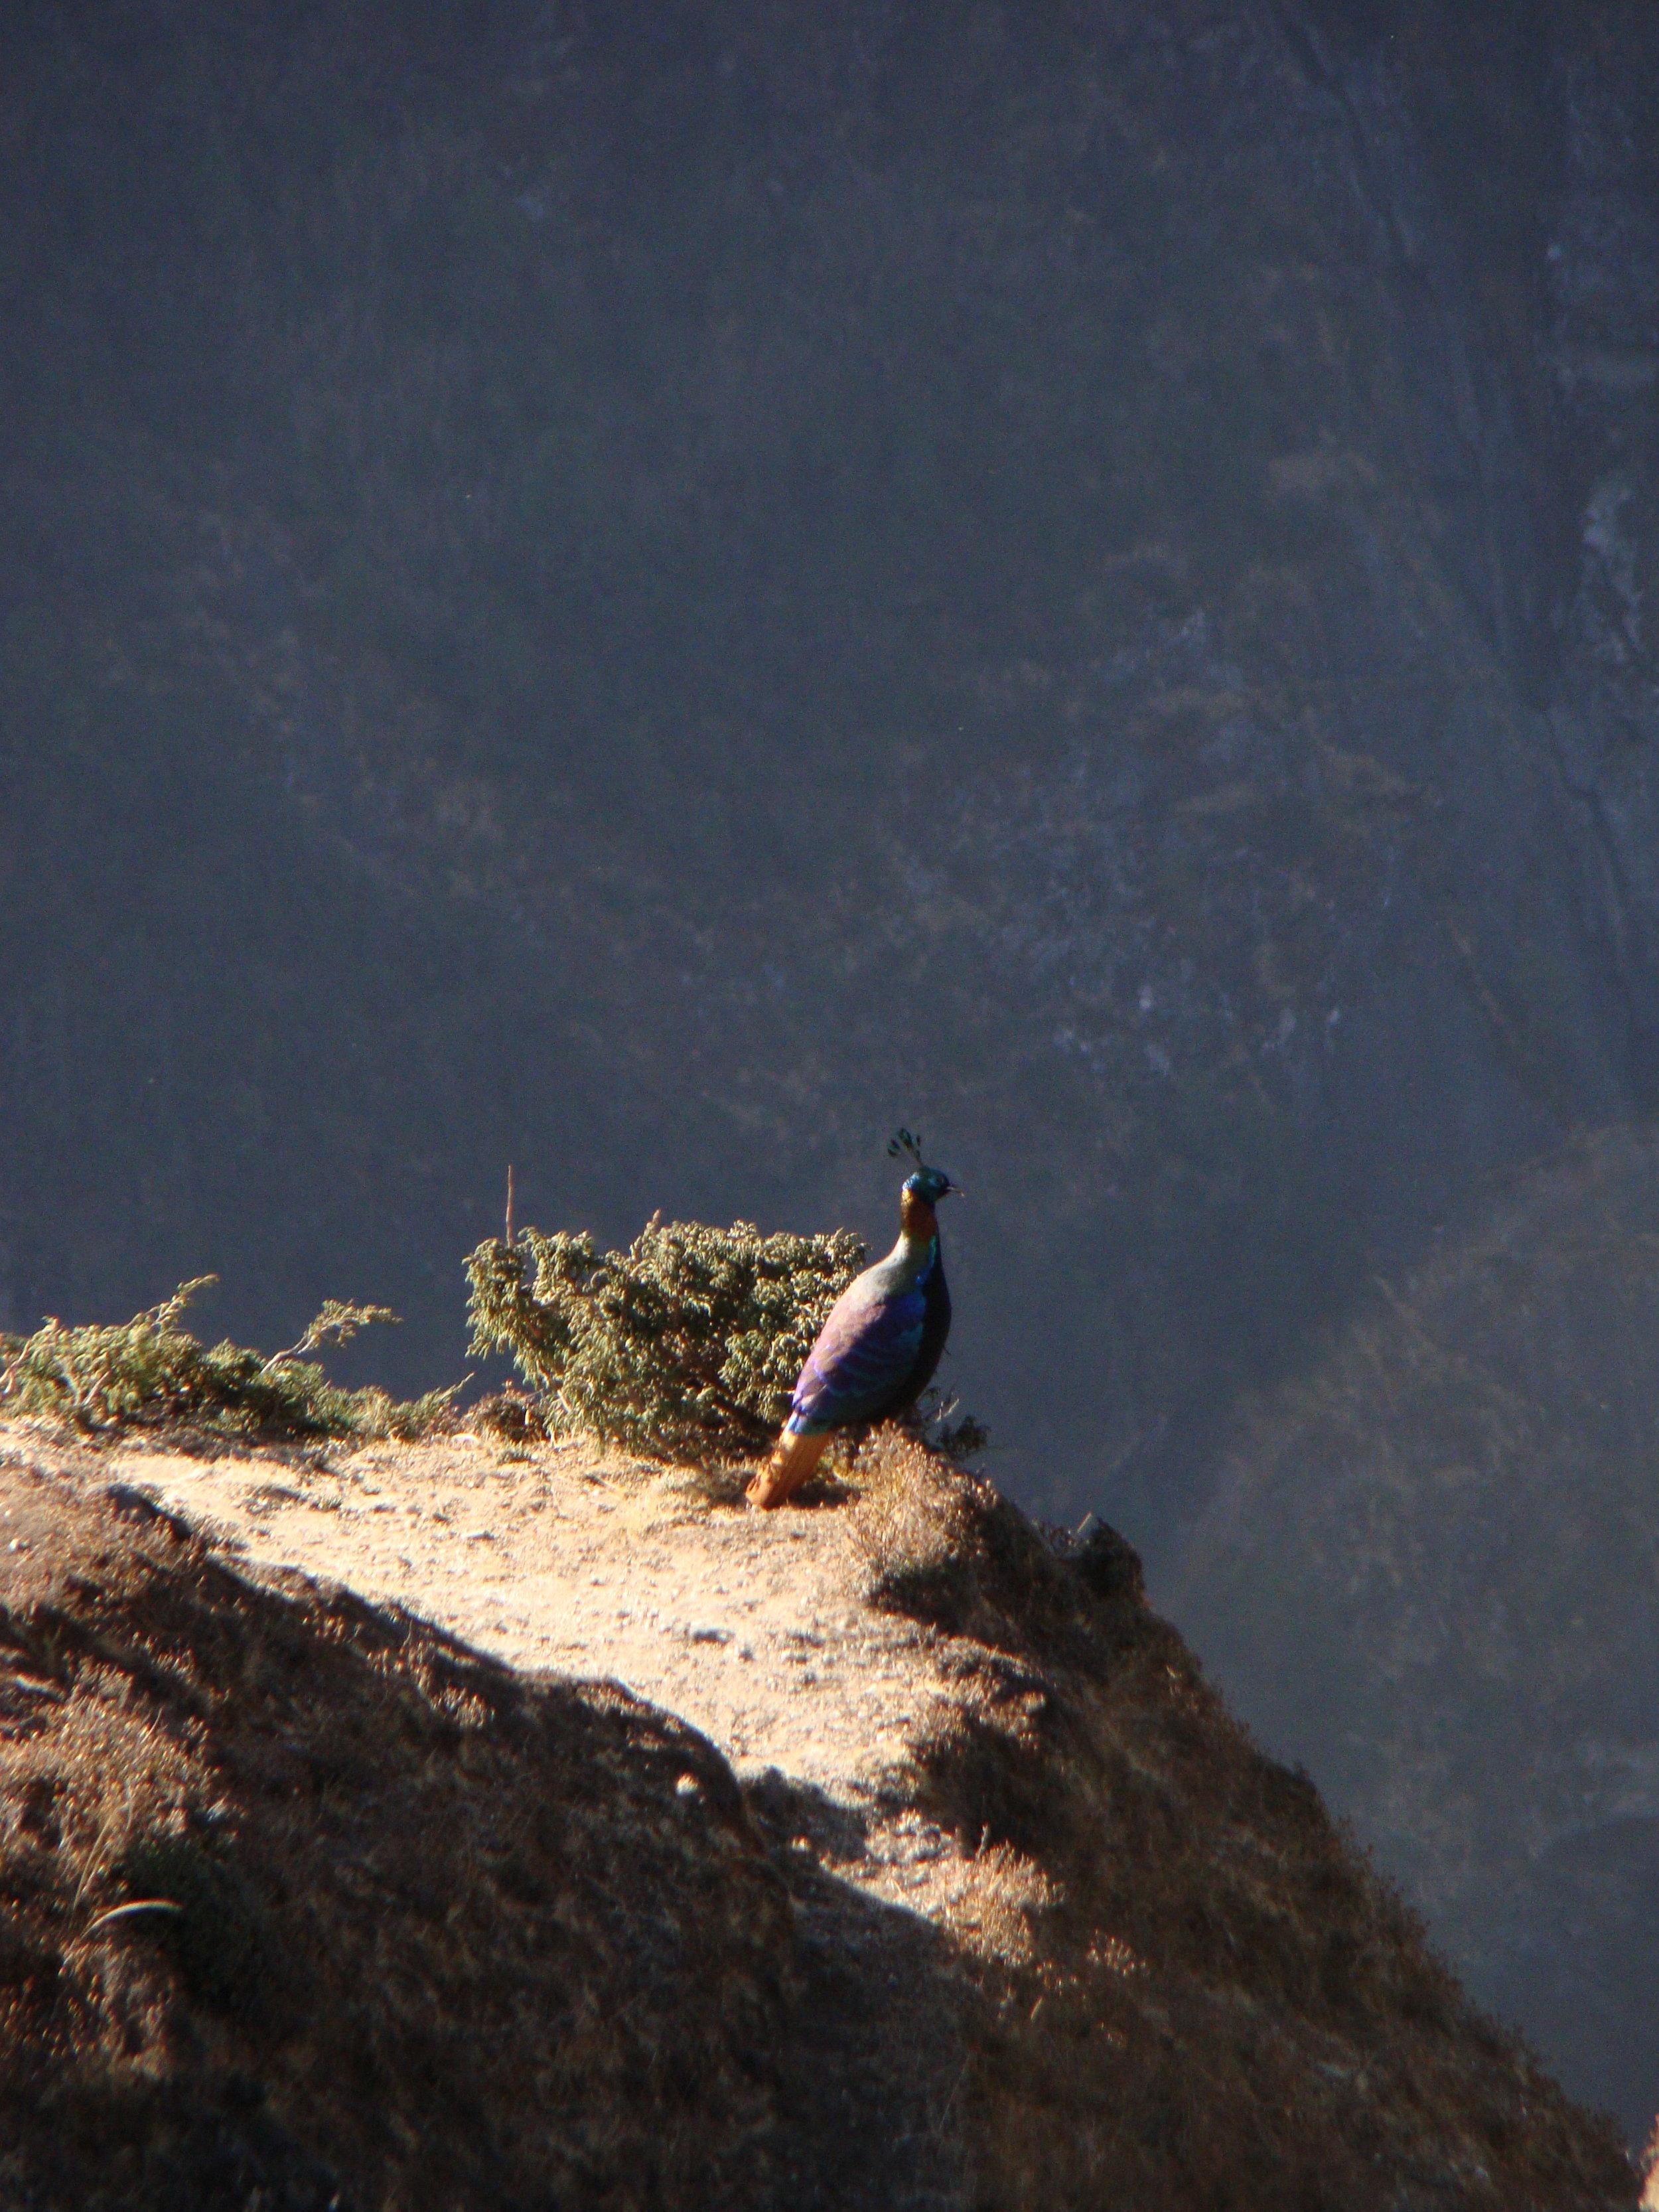 Một chú chim trĩ sưởi ấm trong nắng sớm trên đường đi Everest View Hotel @Fillip Lhota